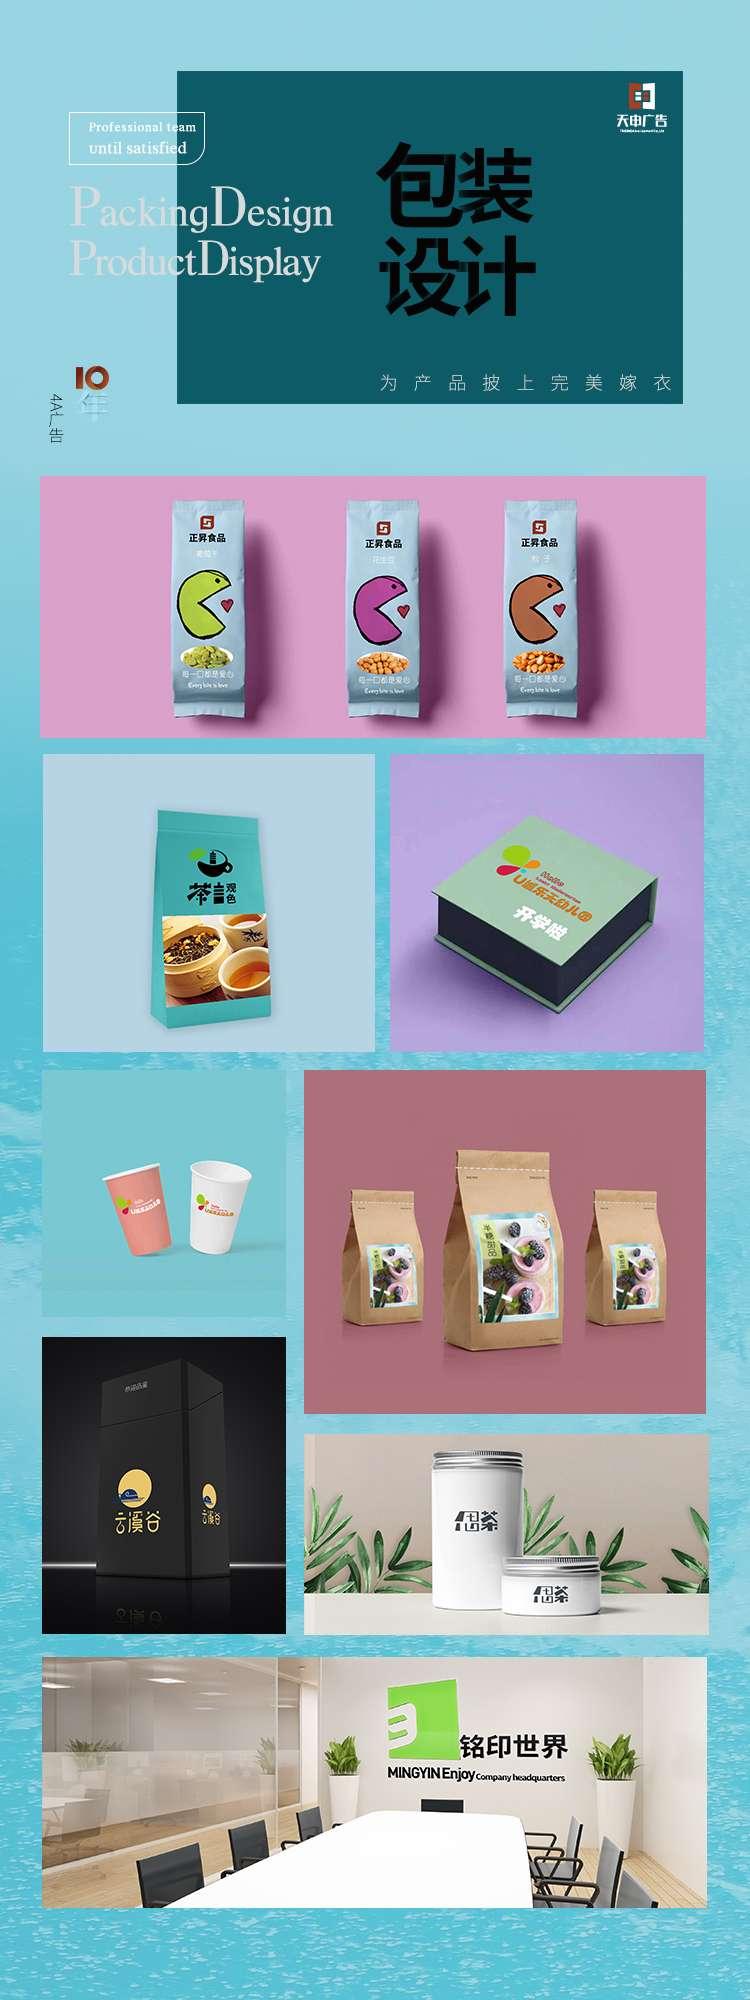 【天申广告】平面设计食品包装杂志小说期刊封面设计书籍排版产品礼盒手提袋_设计服务>>包装设计>>产品包装